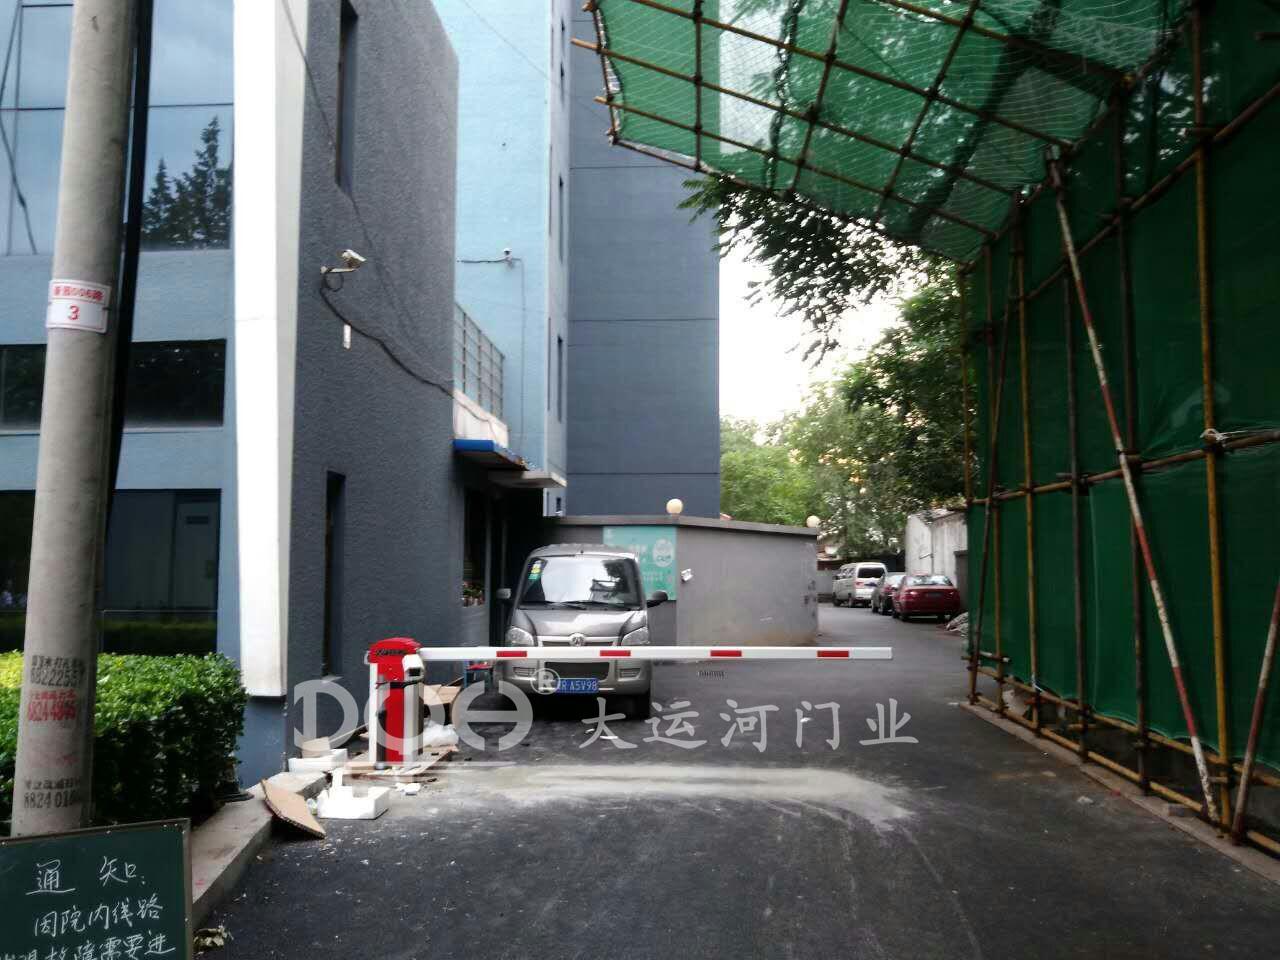 北京市海淀区五一小学(车牌识别系统)